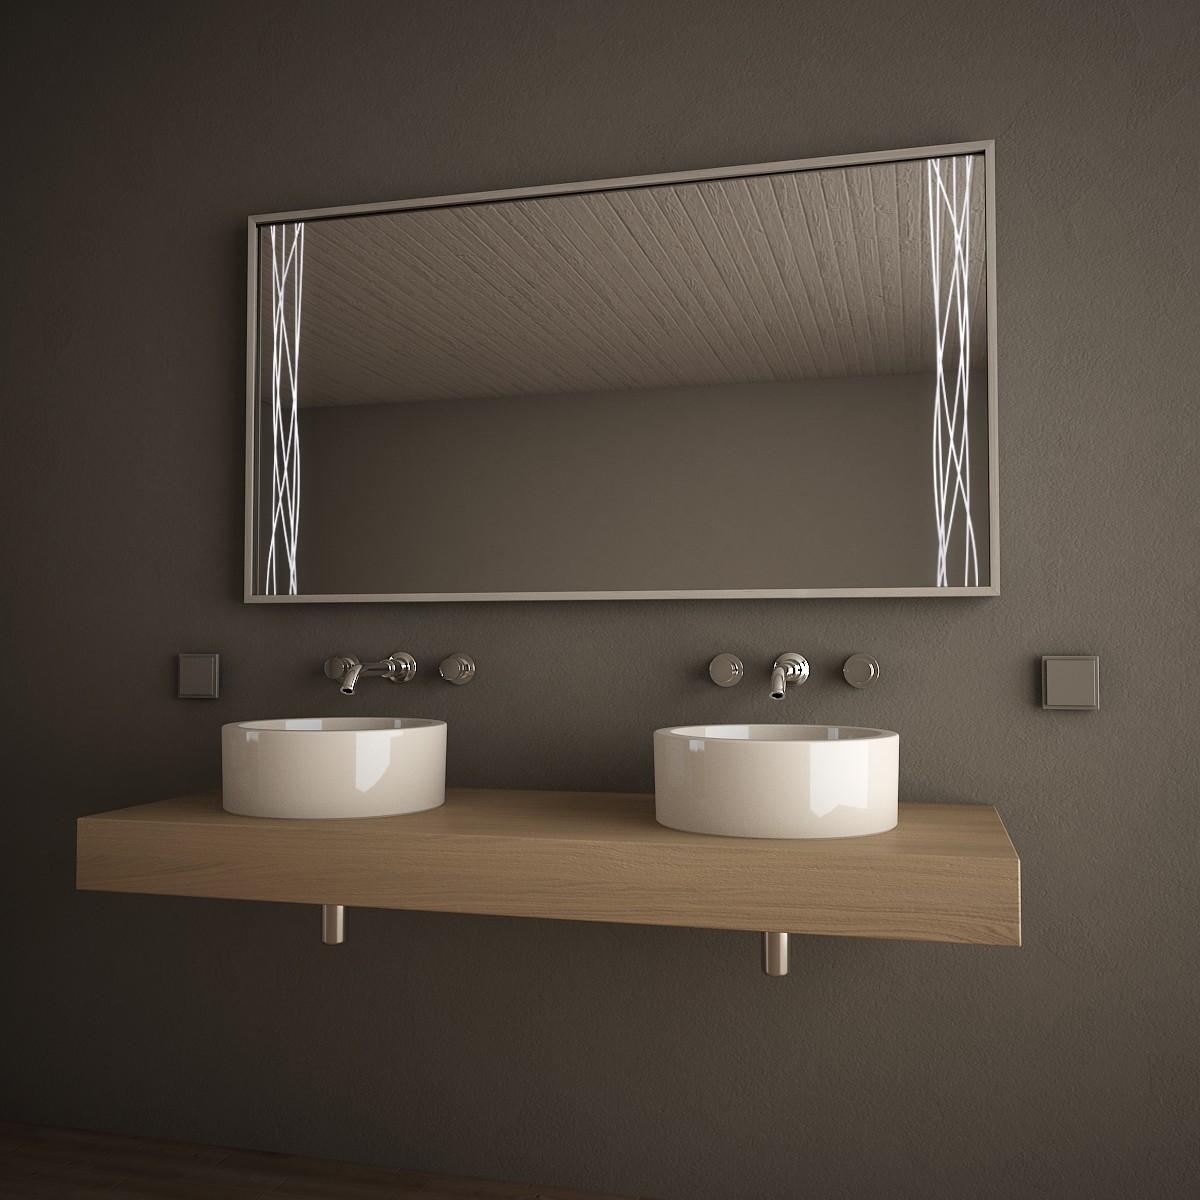 Wunderbar Rahmen Für Badspiegel Fotos - Benutzerdefinierte ...